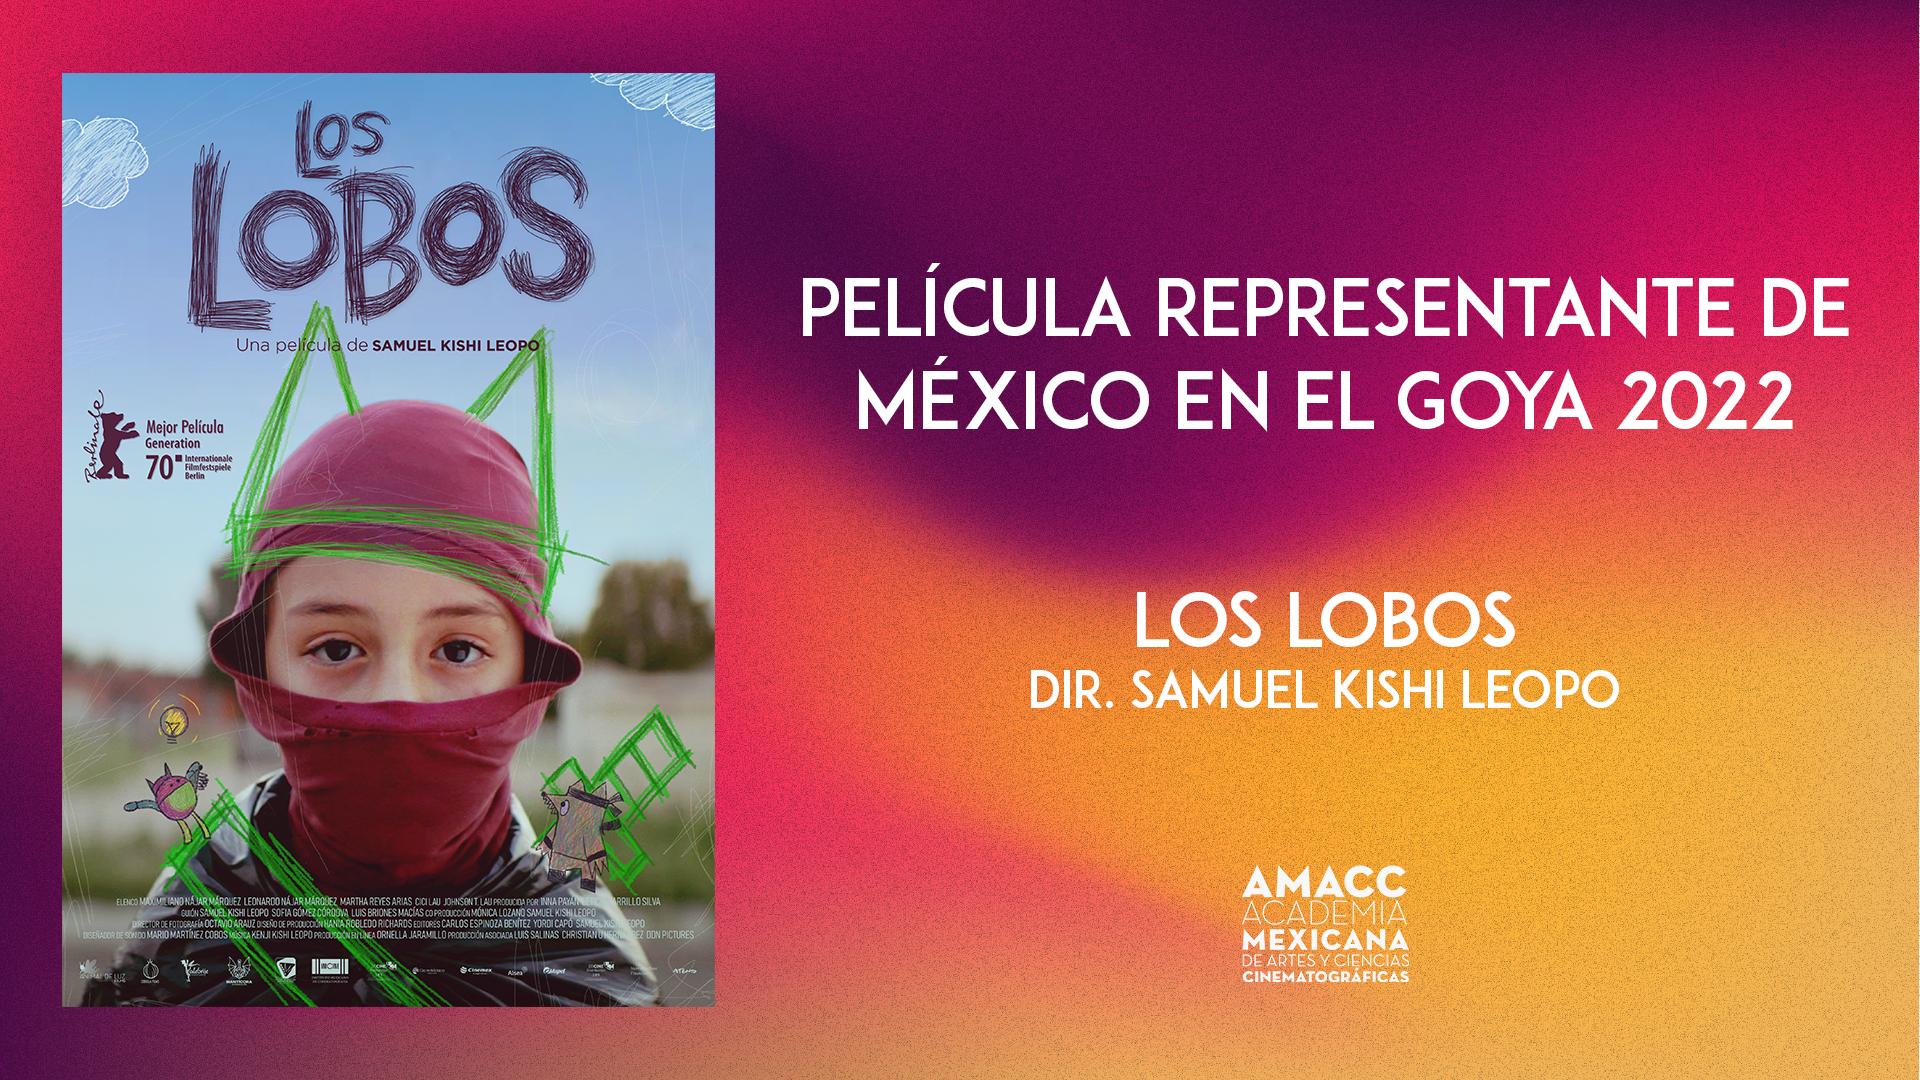 PELÍCULA REPRESENTANTE DE MÉXICO EN LA 36 EDICIÓN DE LOS PREMIOS GOYA 2022